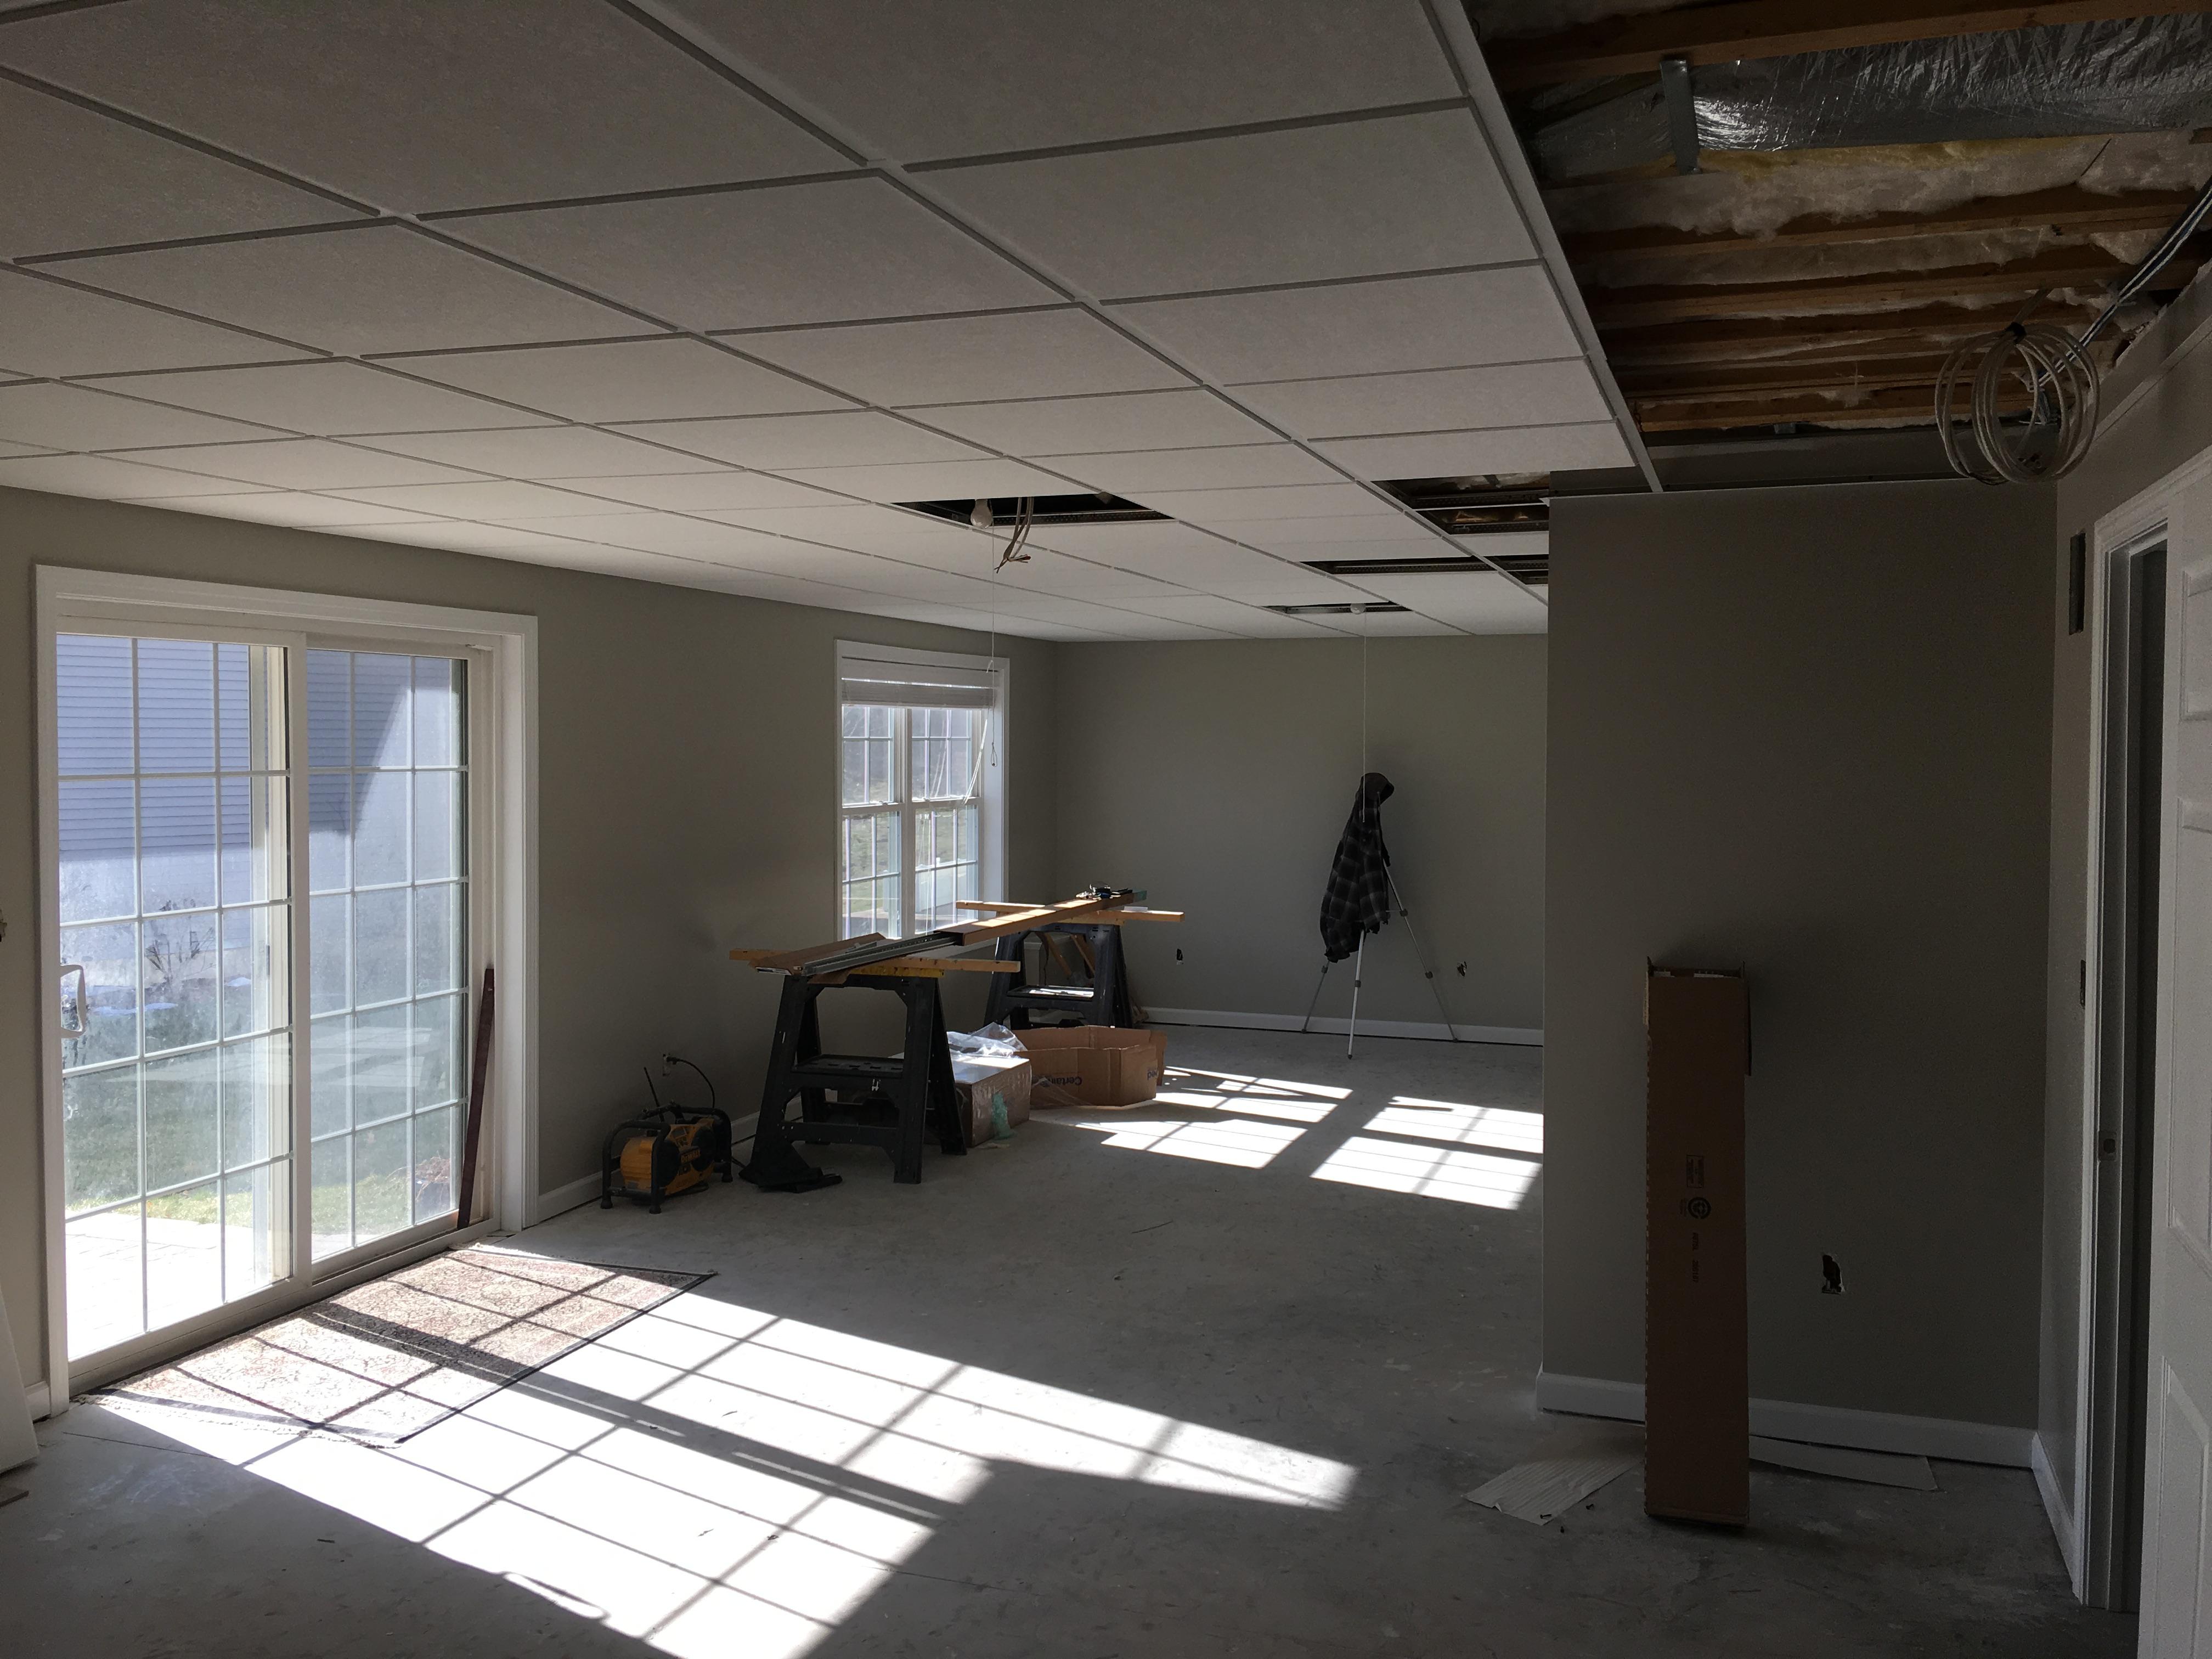 Finished basement-3c82fb1a-4c3d-4403-9cd1-d73992823bfc.jpeg